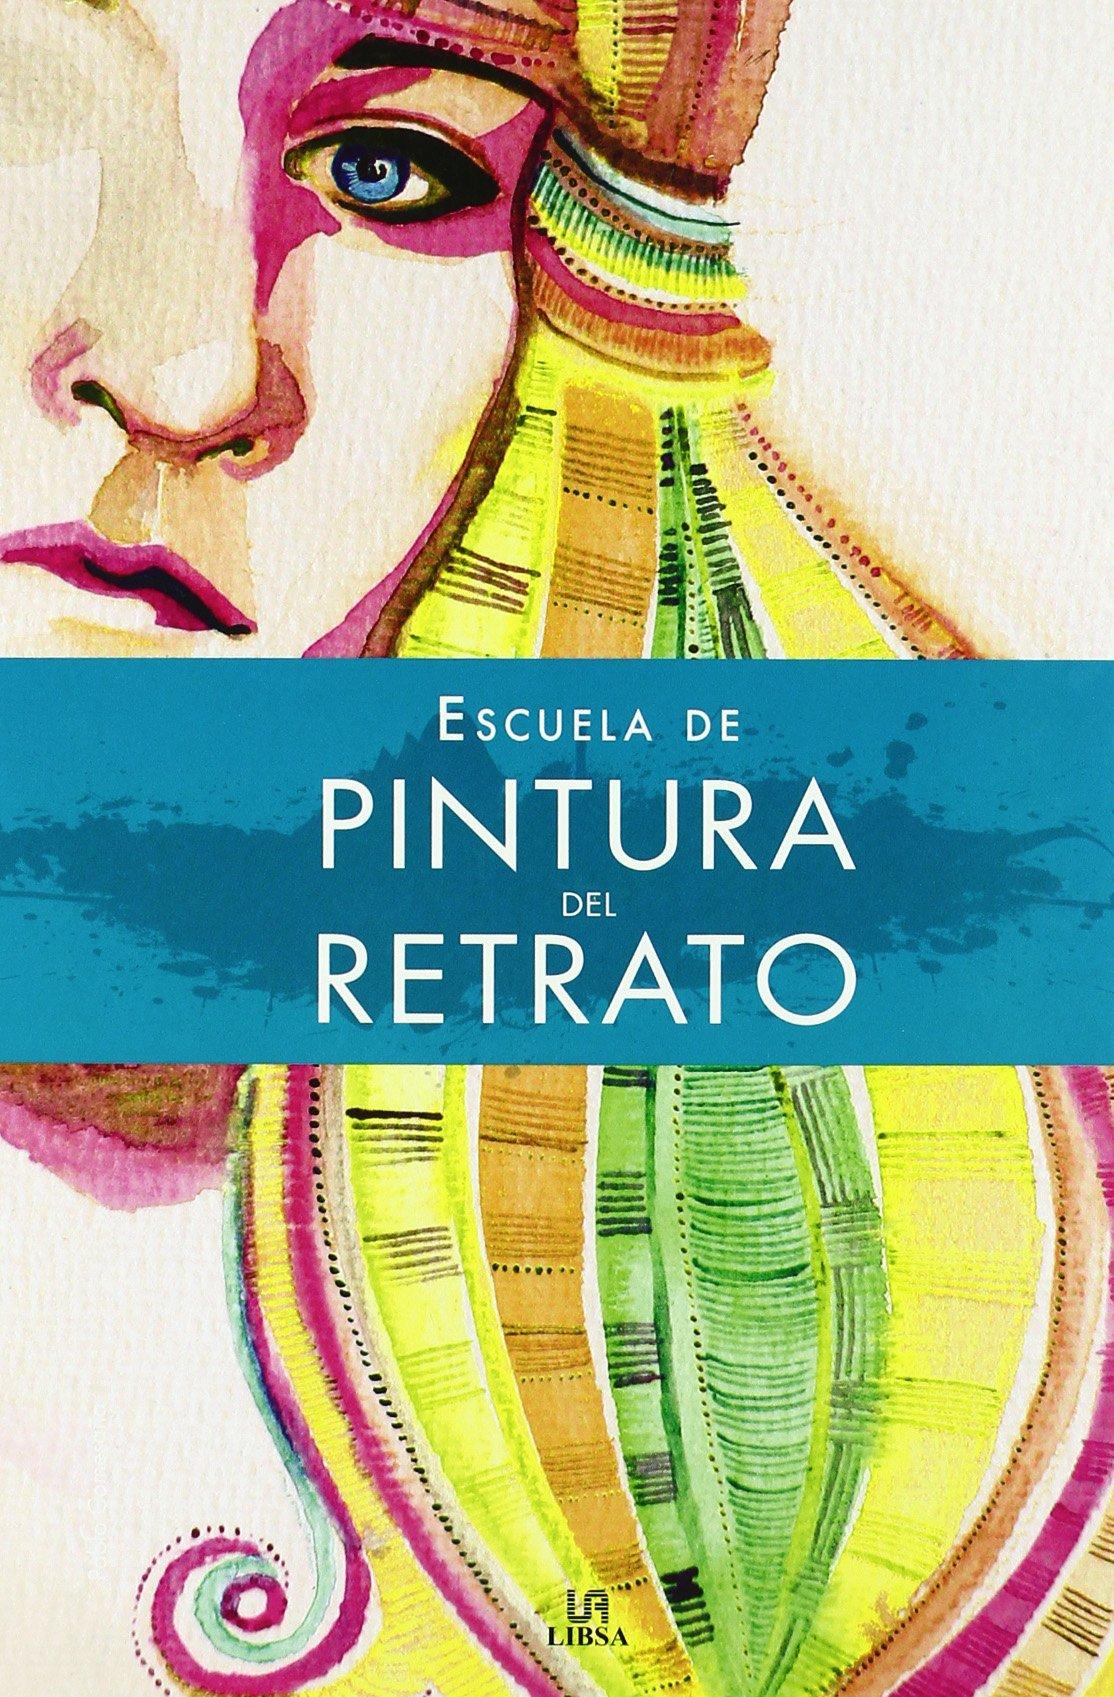 Escuela de pintura del retrato / Portrait Painting School (Escuela de / School of) (Spanish Edition)